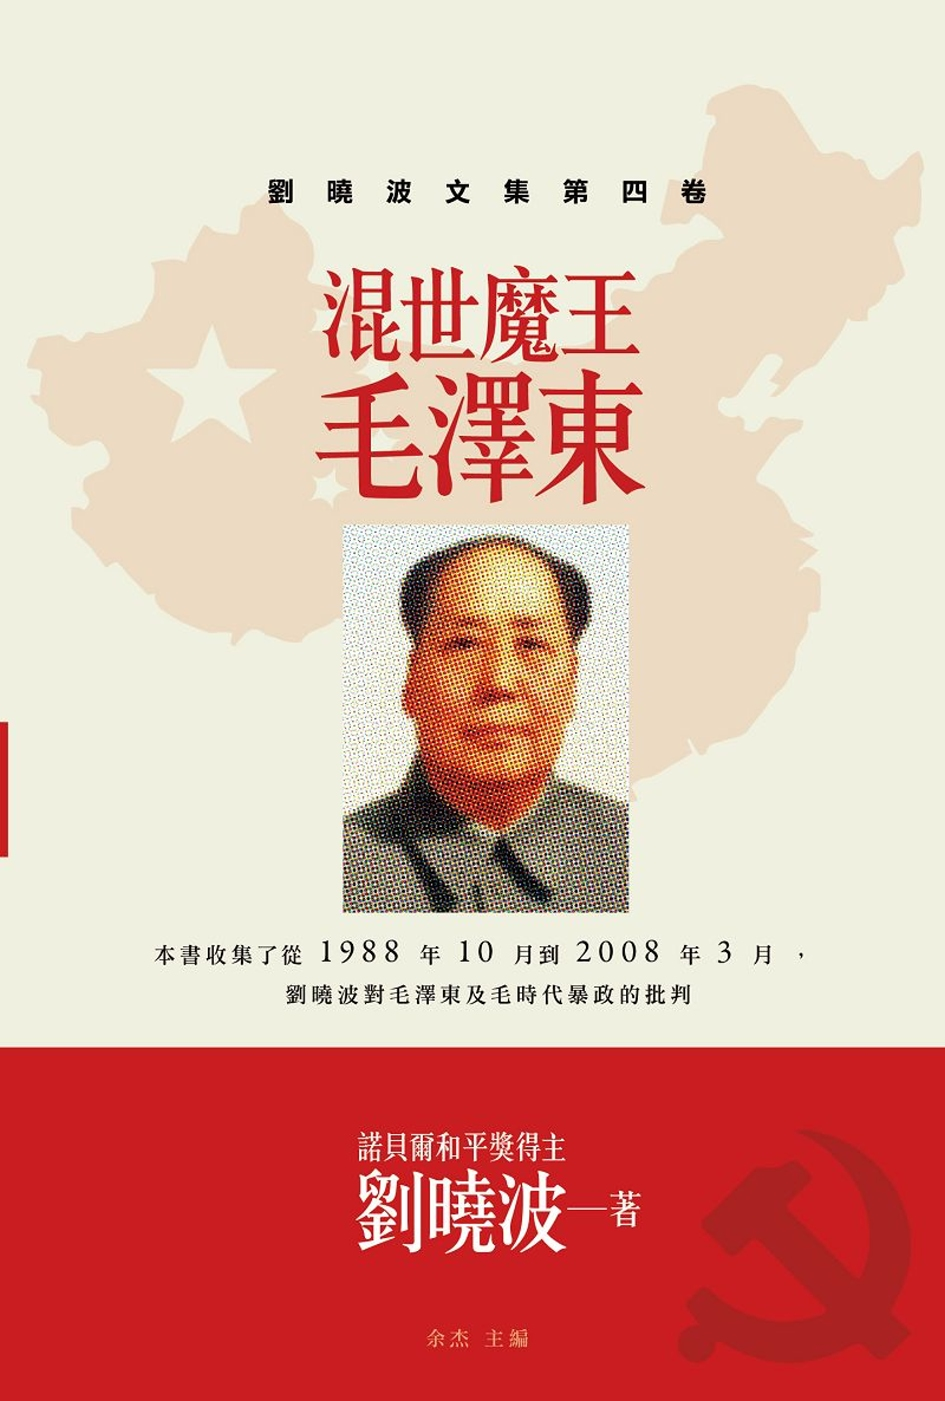 混世魔王毛澤東:劉曉波文集第四卷